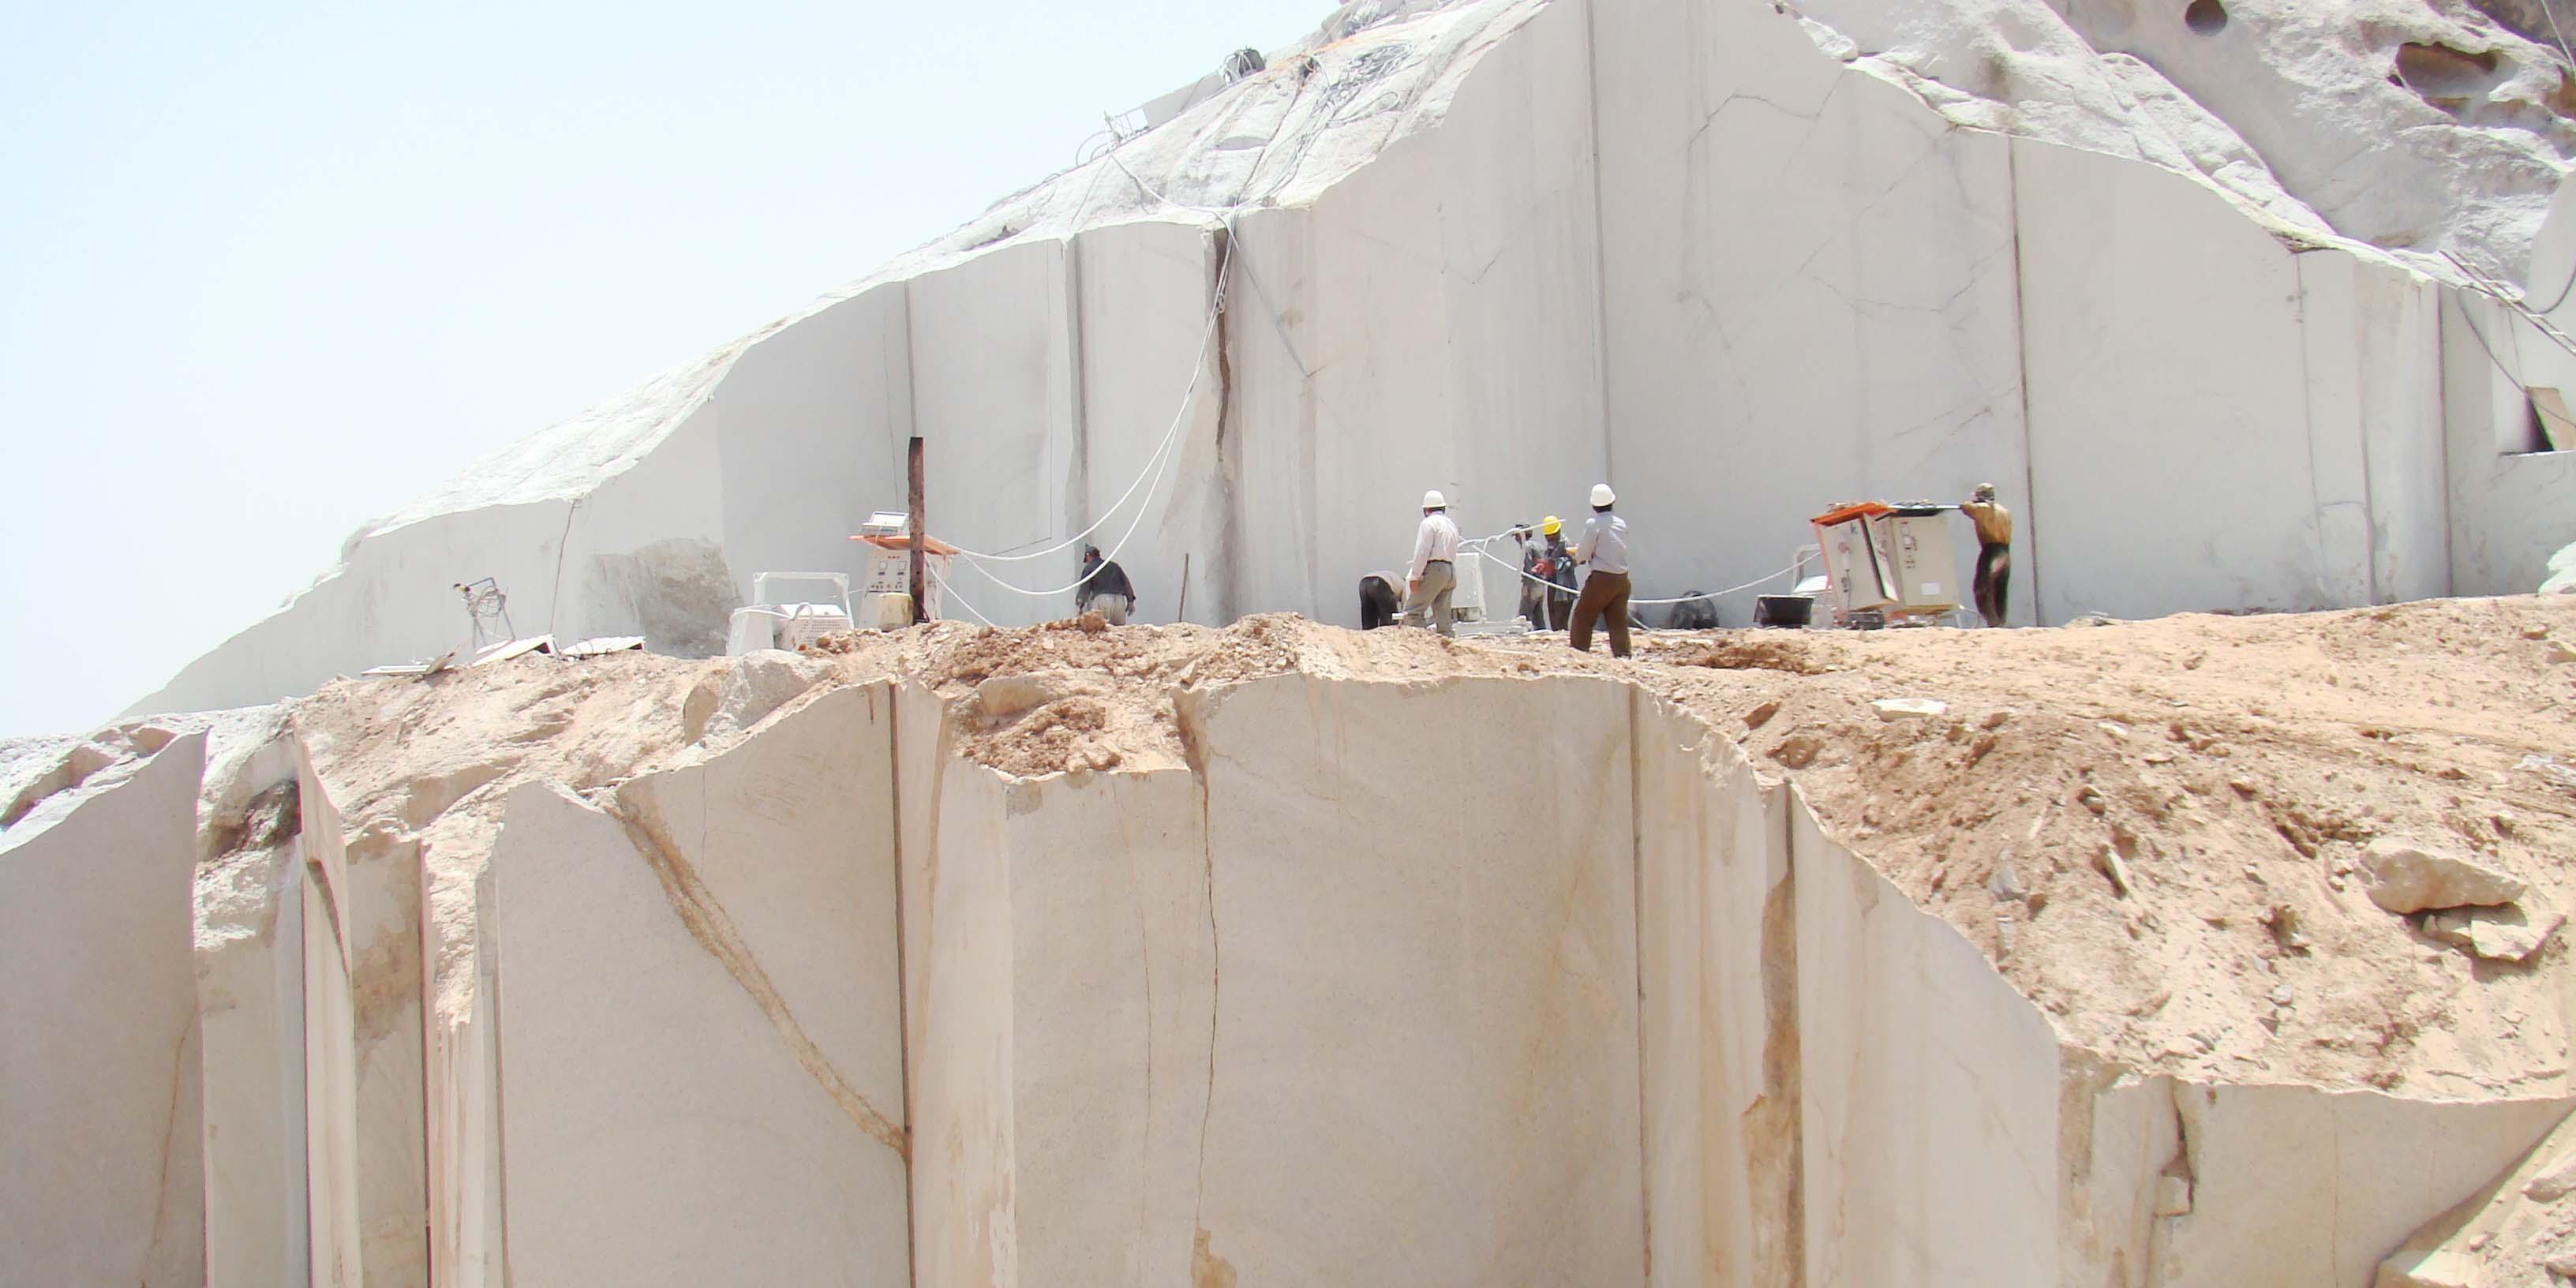 هزار راه نرفته برای رونق بازار سنگ لرستان